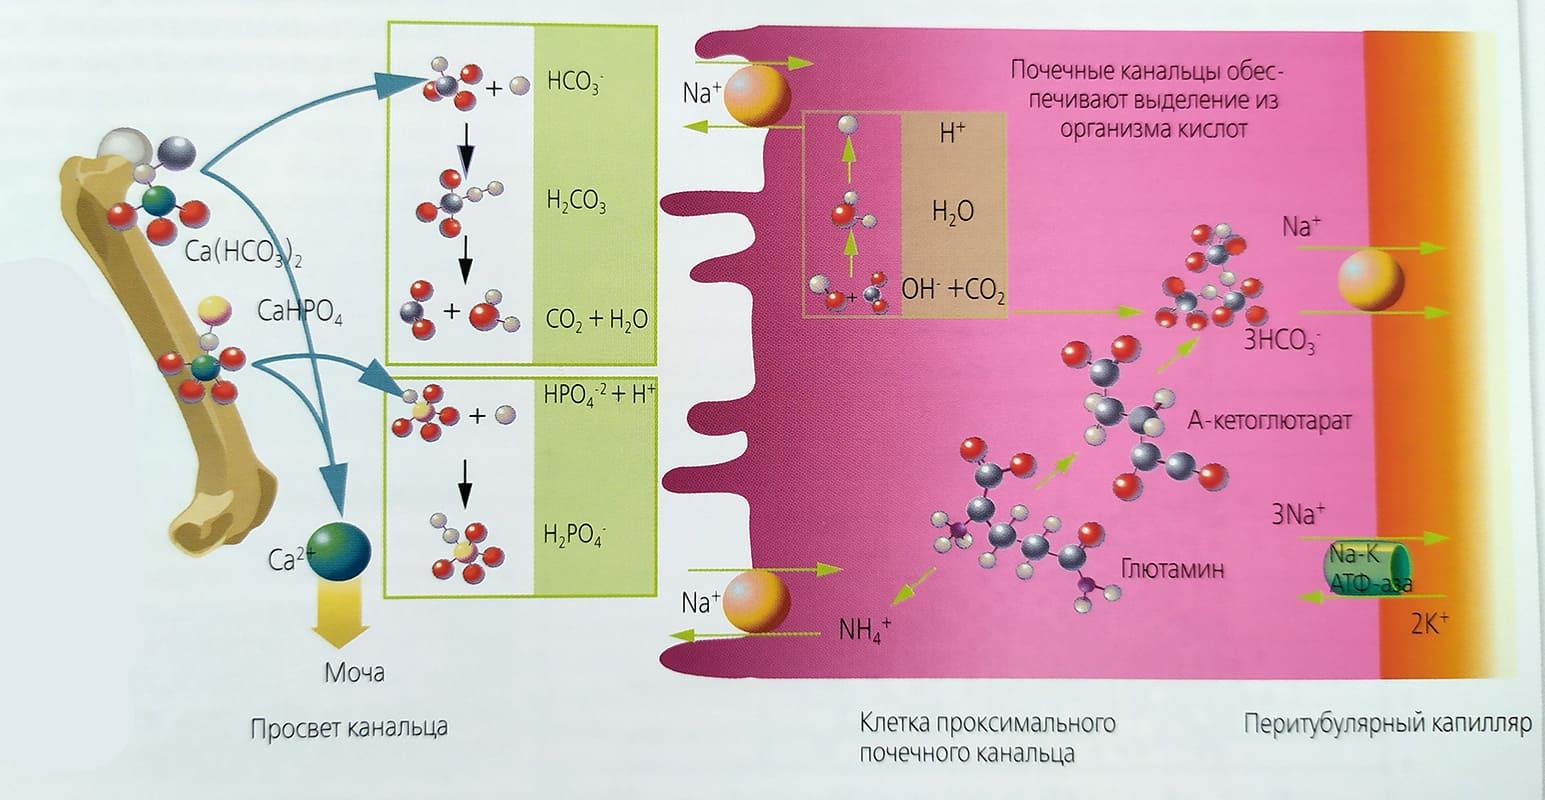 vlijanie-metabolicheskogo-asidoza-na-vydelenie-kalsija-s-mochoi